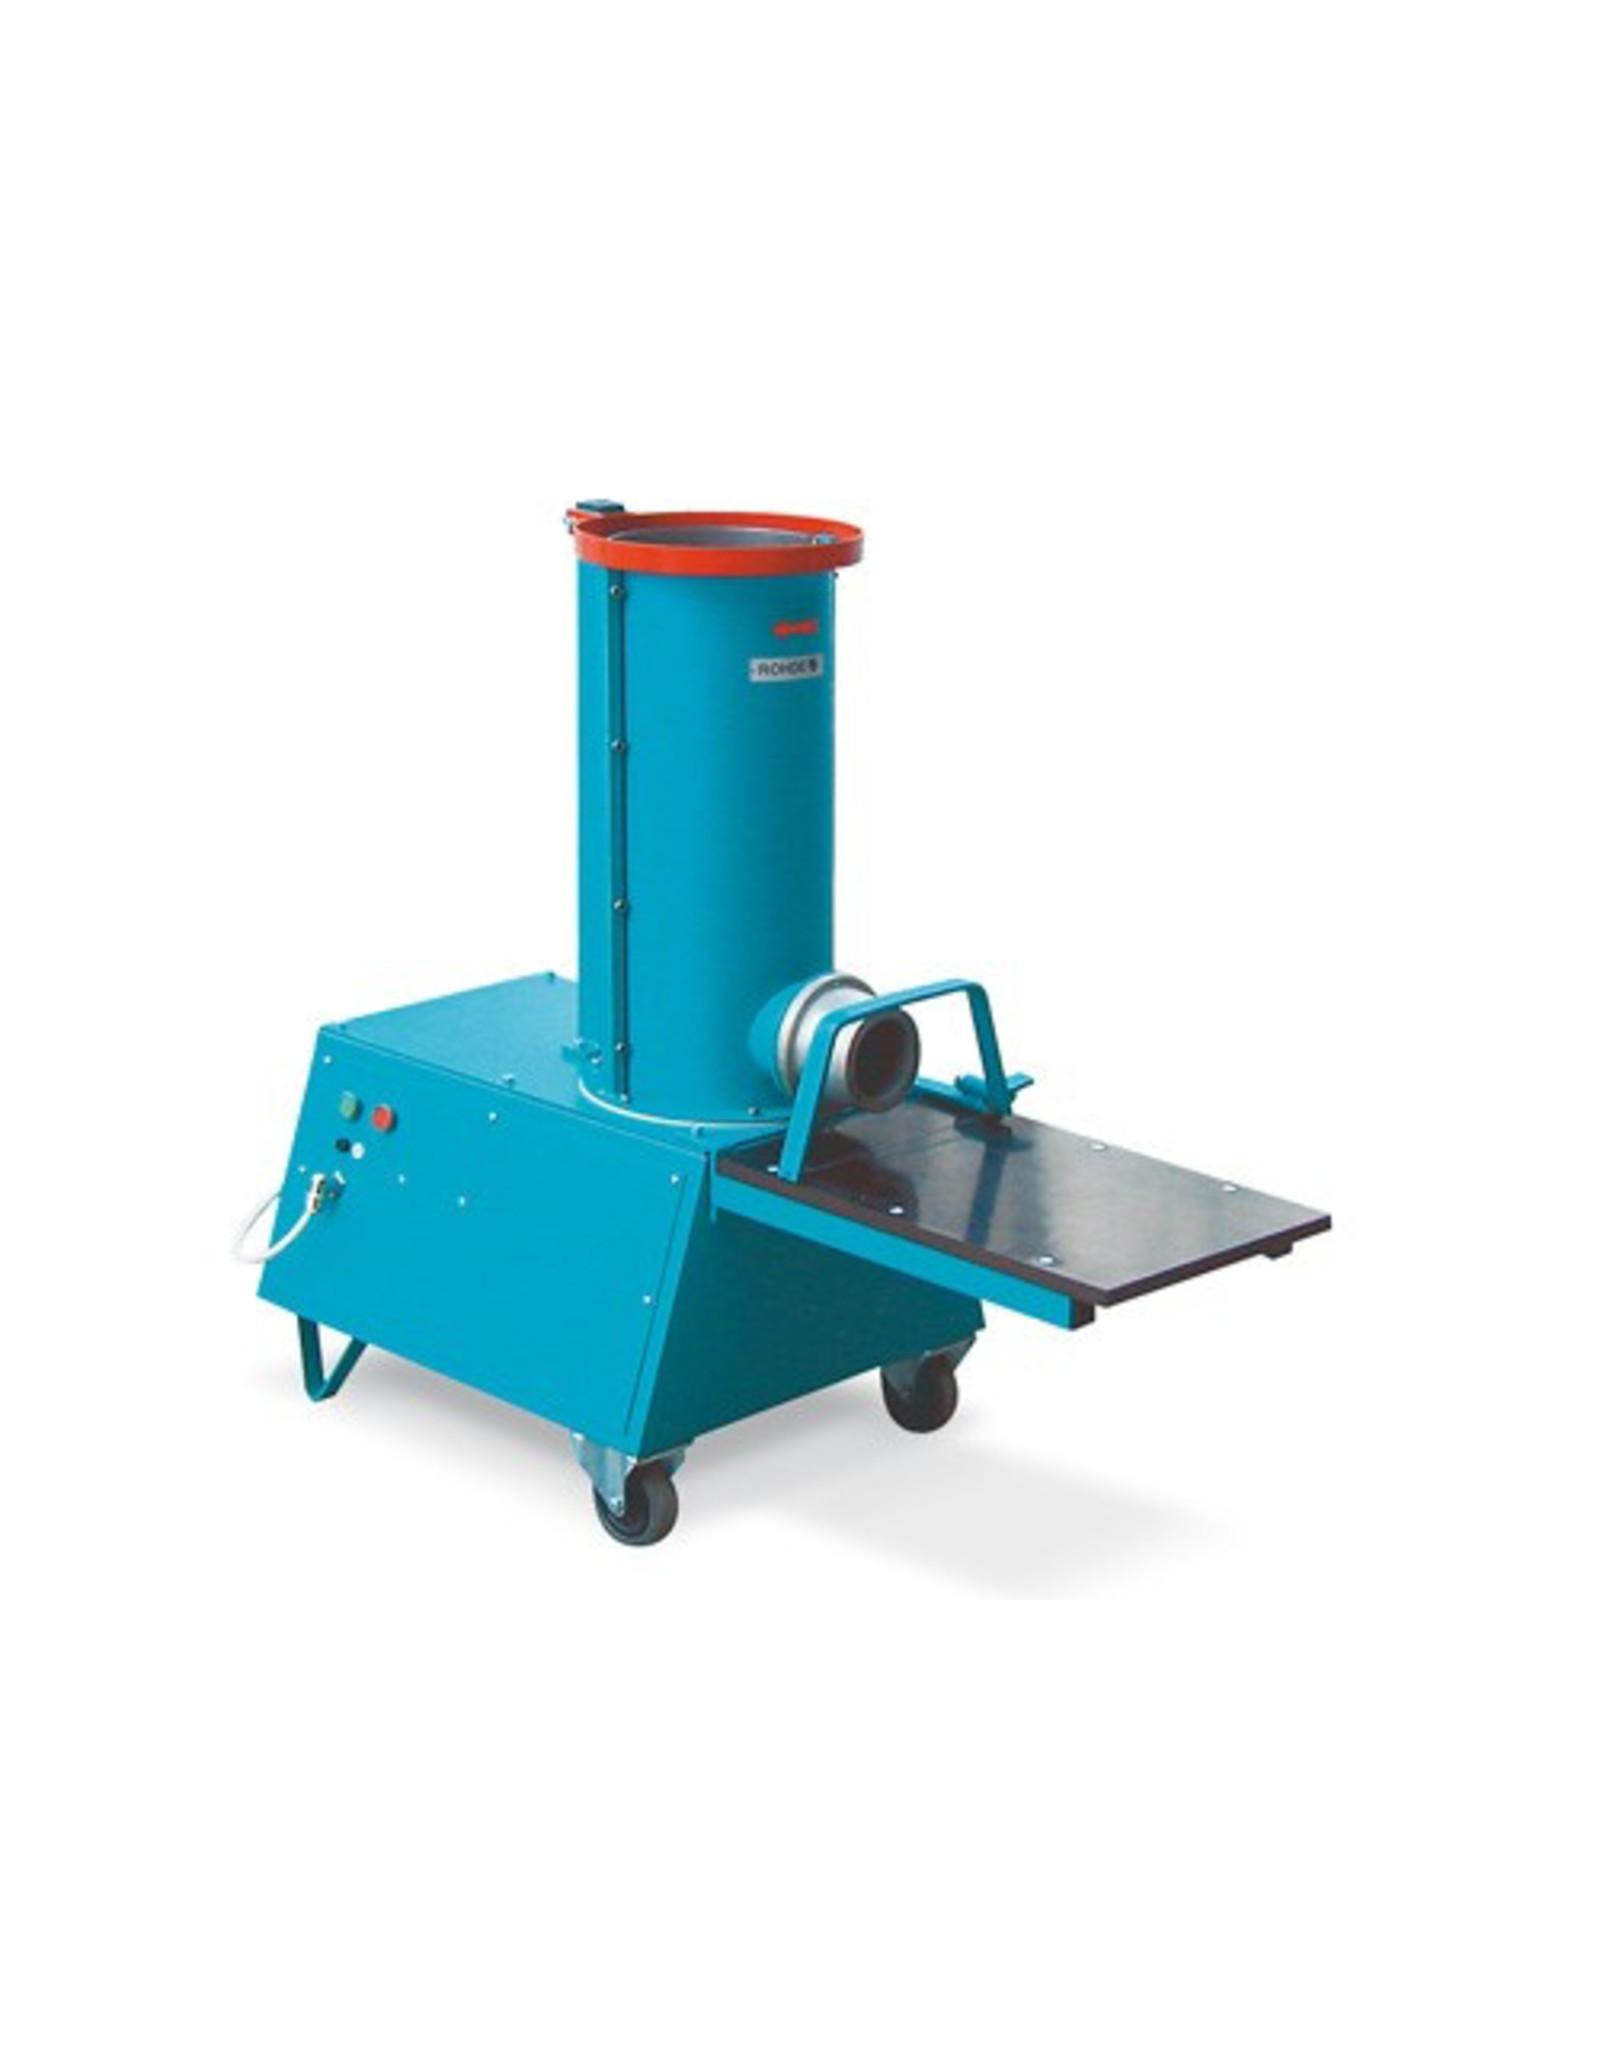 Rohde Rohde Pug Mill TS20